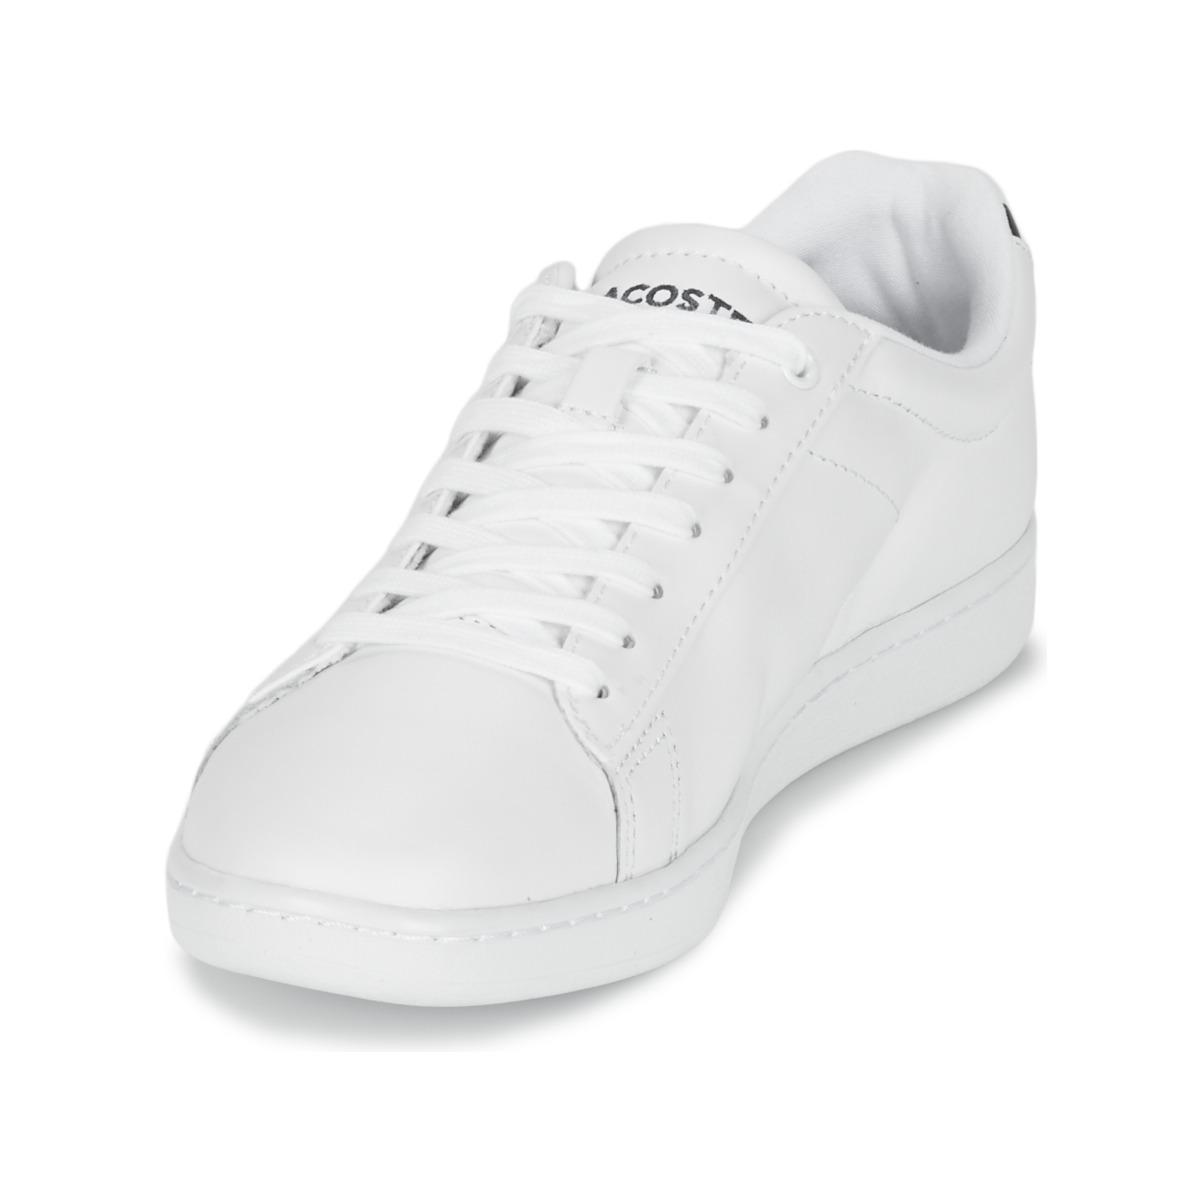 a07410c0e8 Lacoste - White CARNABY EVO BL 1 femmes Chaussures en blanc - Lyst.  Afficher en plein écran